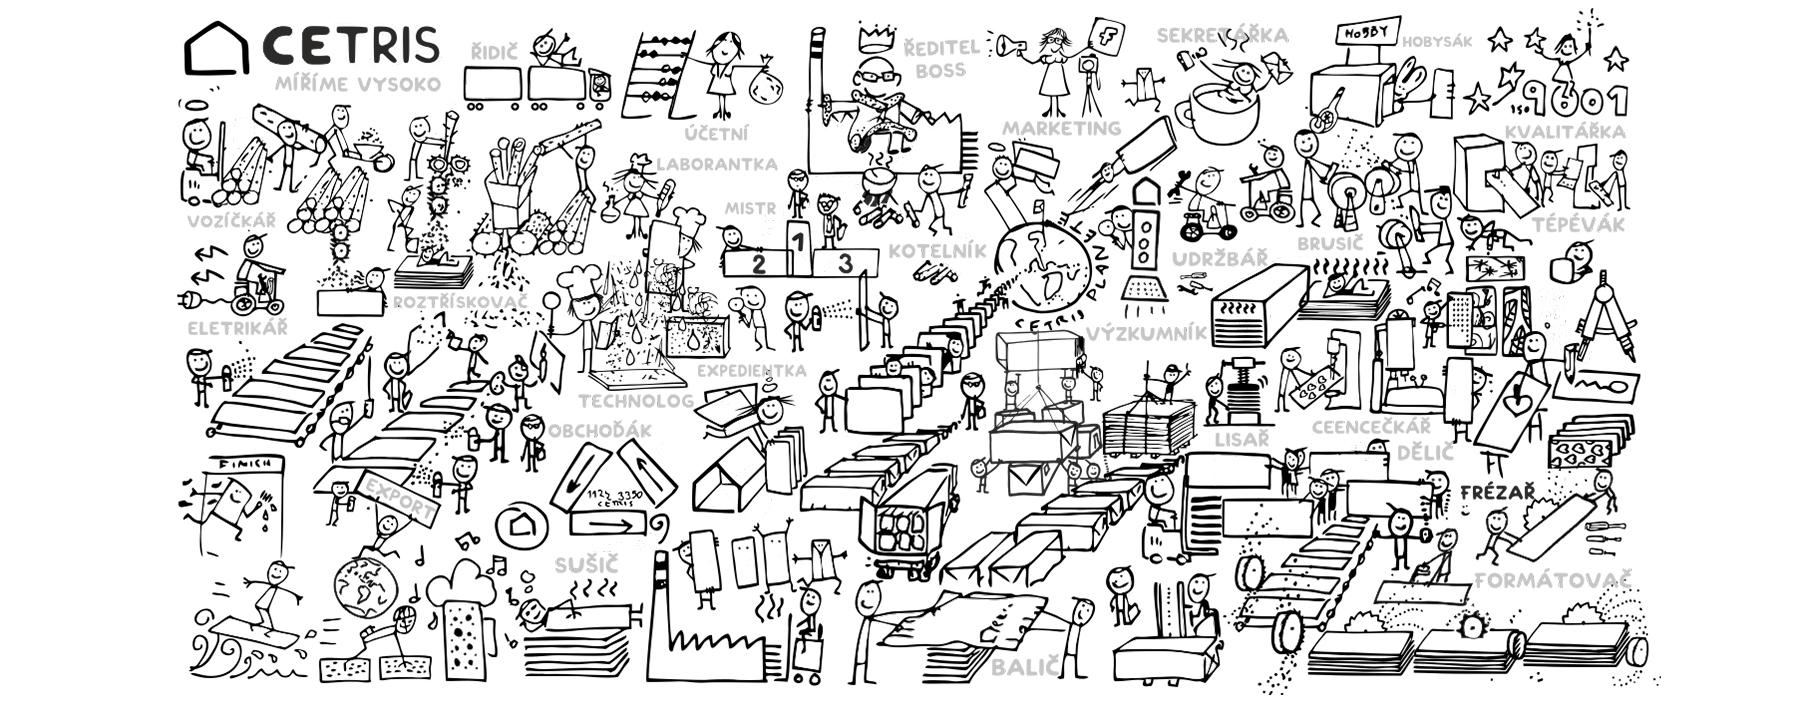 doodles Cetris